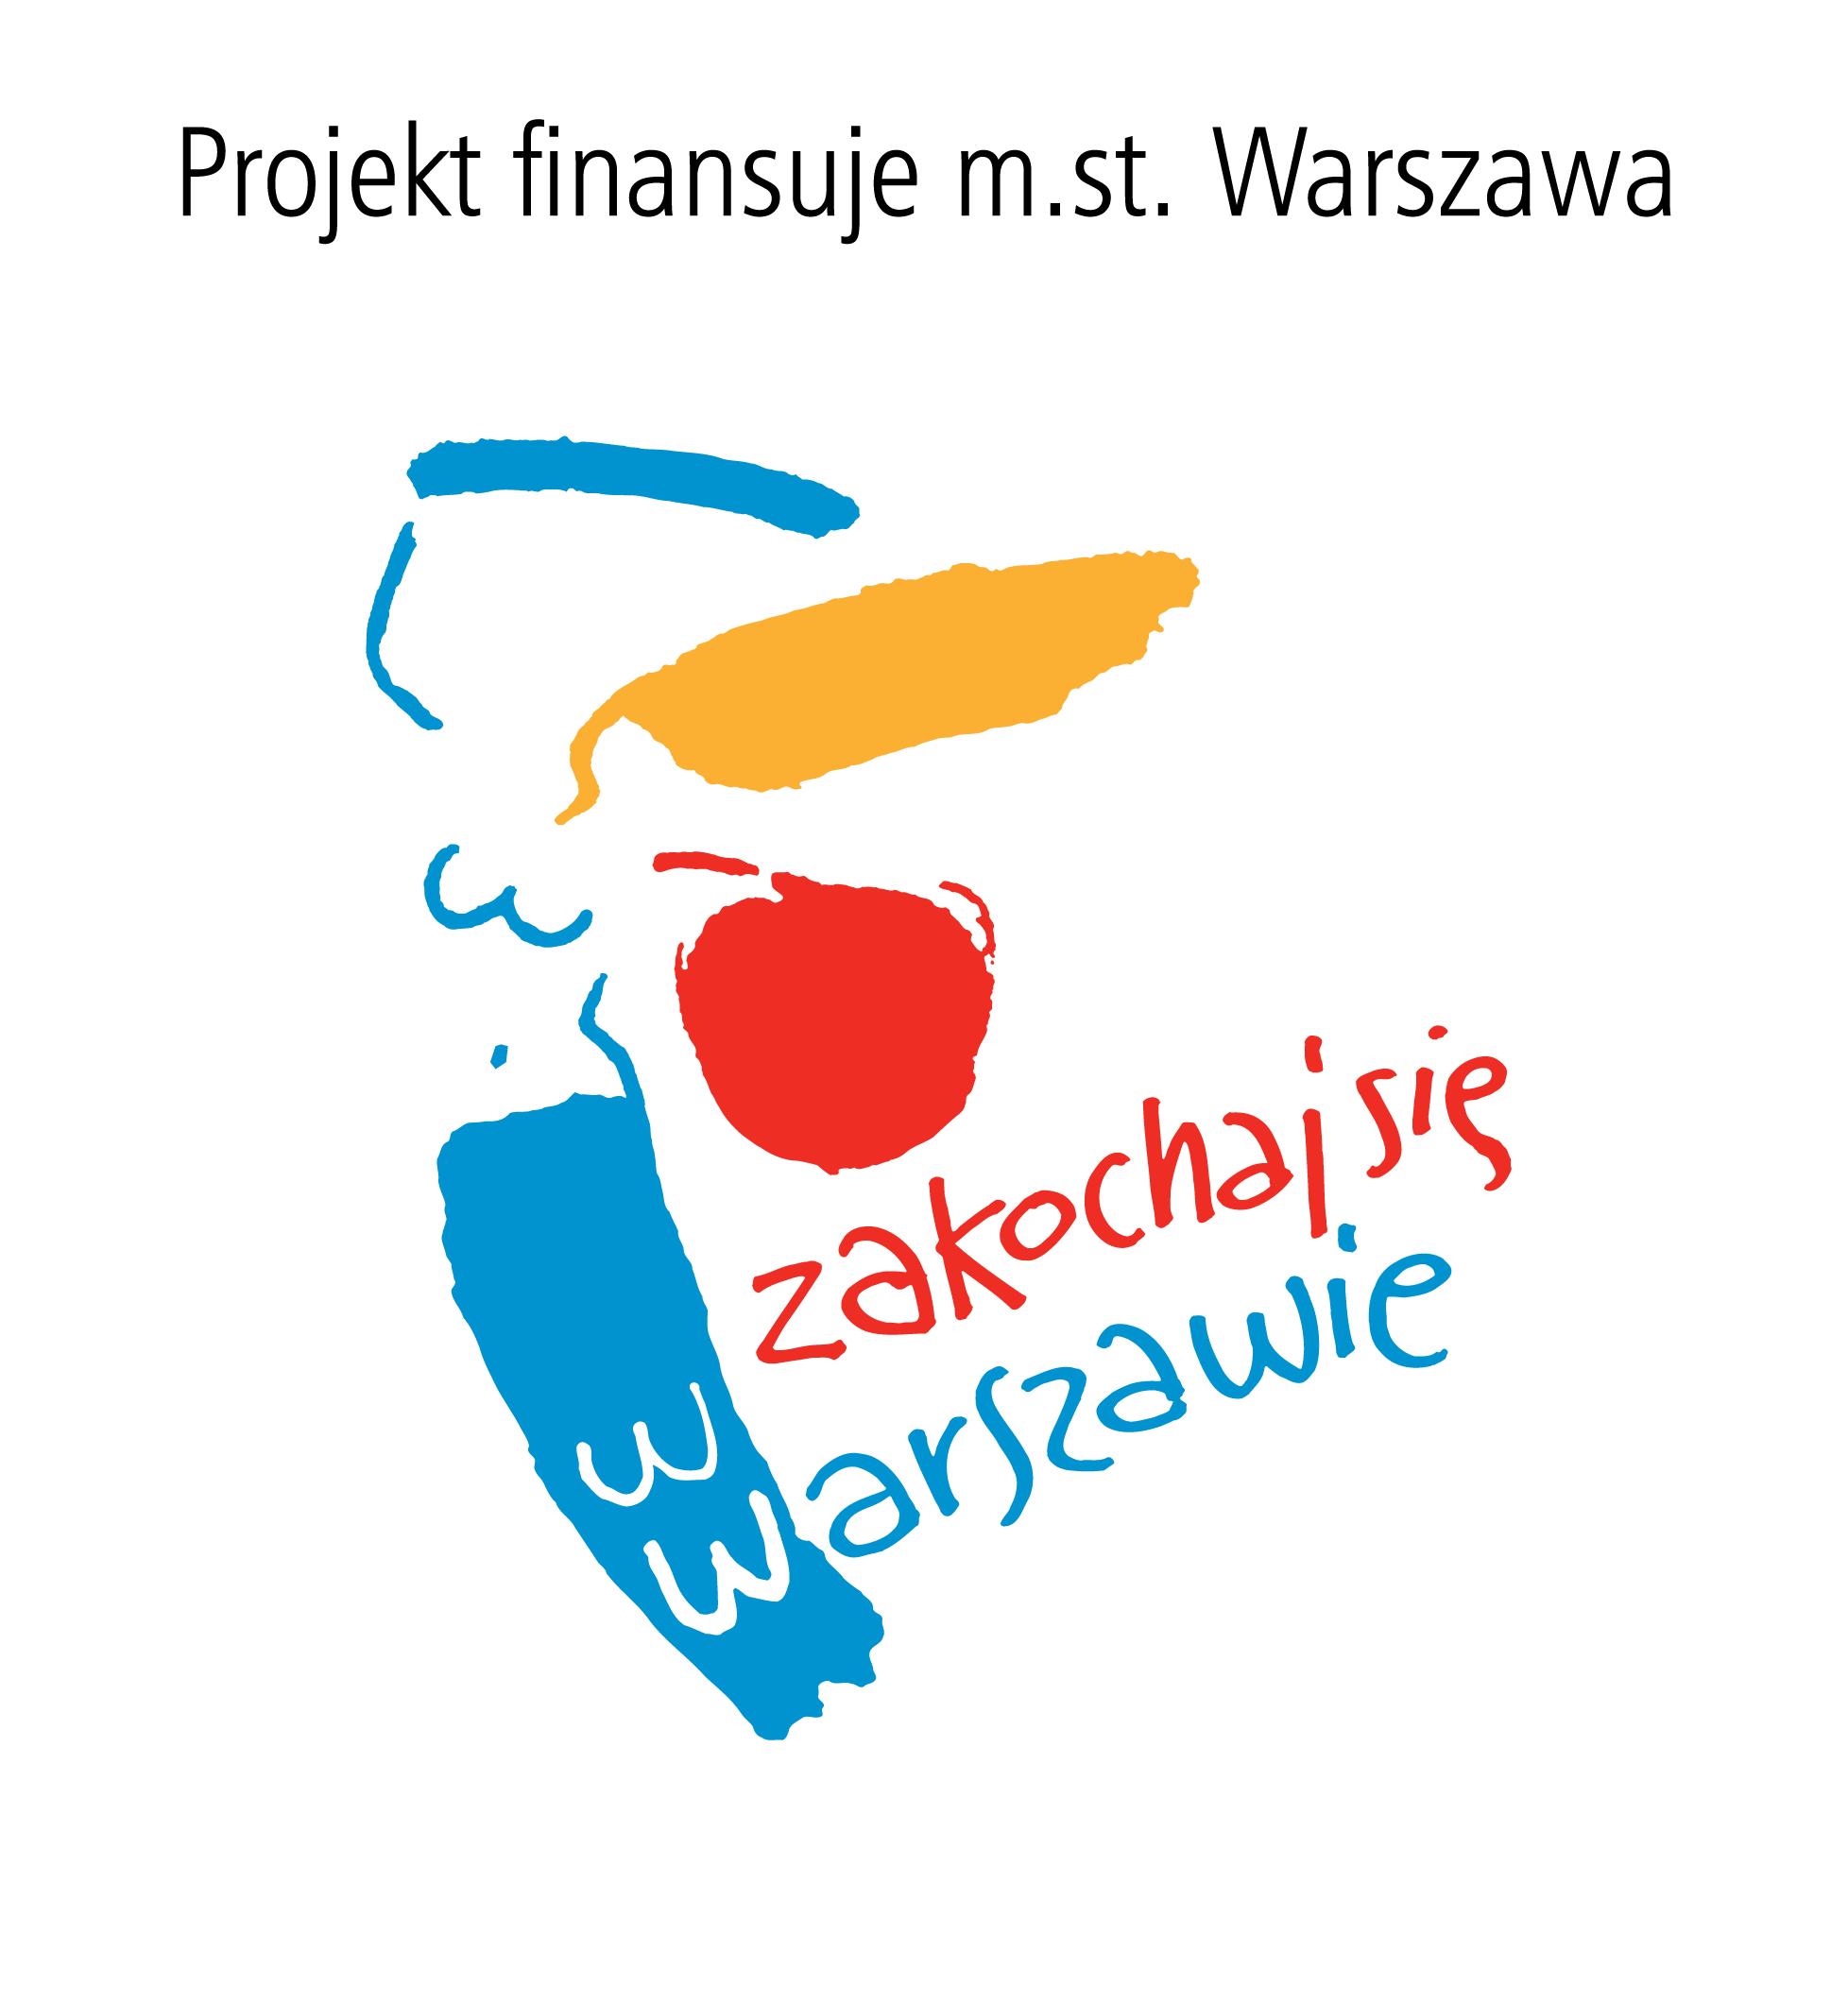 warszawa, urząd miasta, projekt